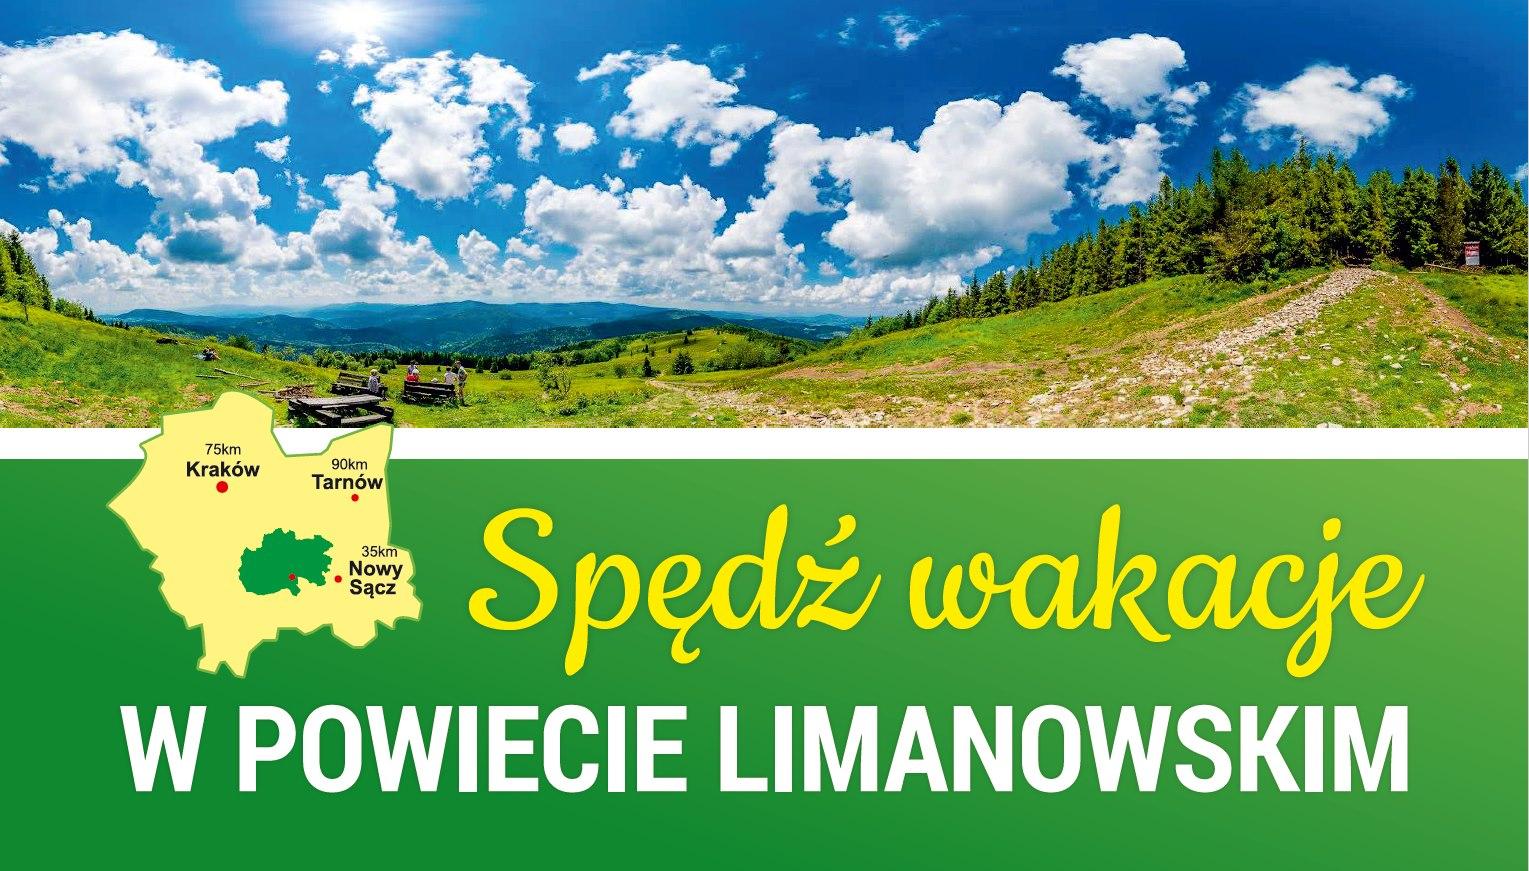 Spędź wakacj w powiecie limanowskim- plakat informacyjny 2